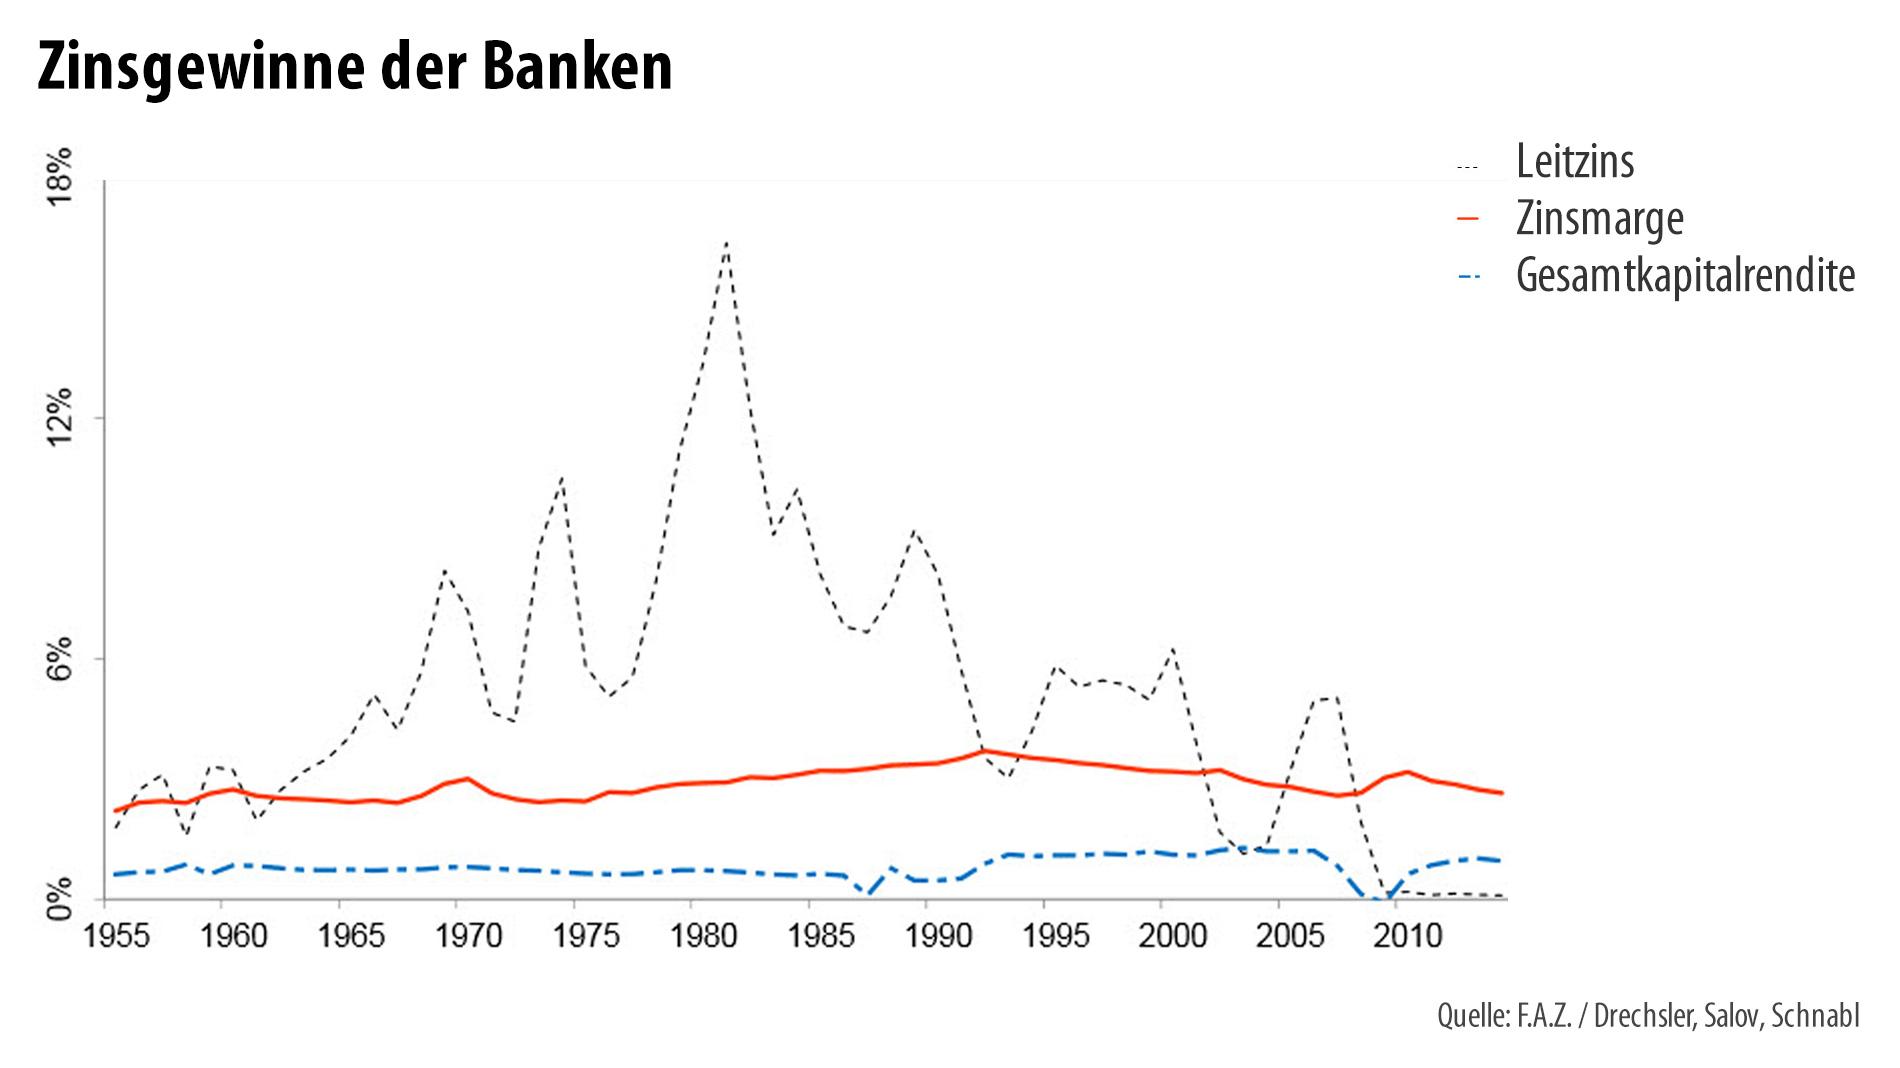 08/06/· unterschiedliche Zinssätze Diskutiere unterschiedliche Zinssätze im Baufinanzierung Forum im Bereich Finanzen; Hallo, mal eine generelle Frage zu Zinssätzen bei Baufinanzierungen. Warum haben diverse Banken unterschiedliche Zinssätze und Konditionen.